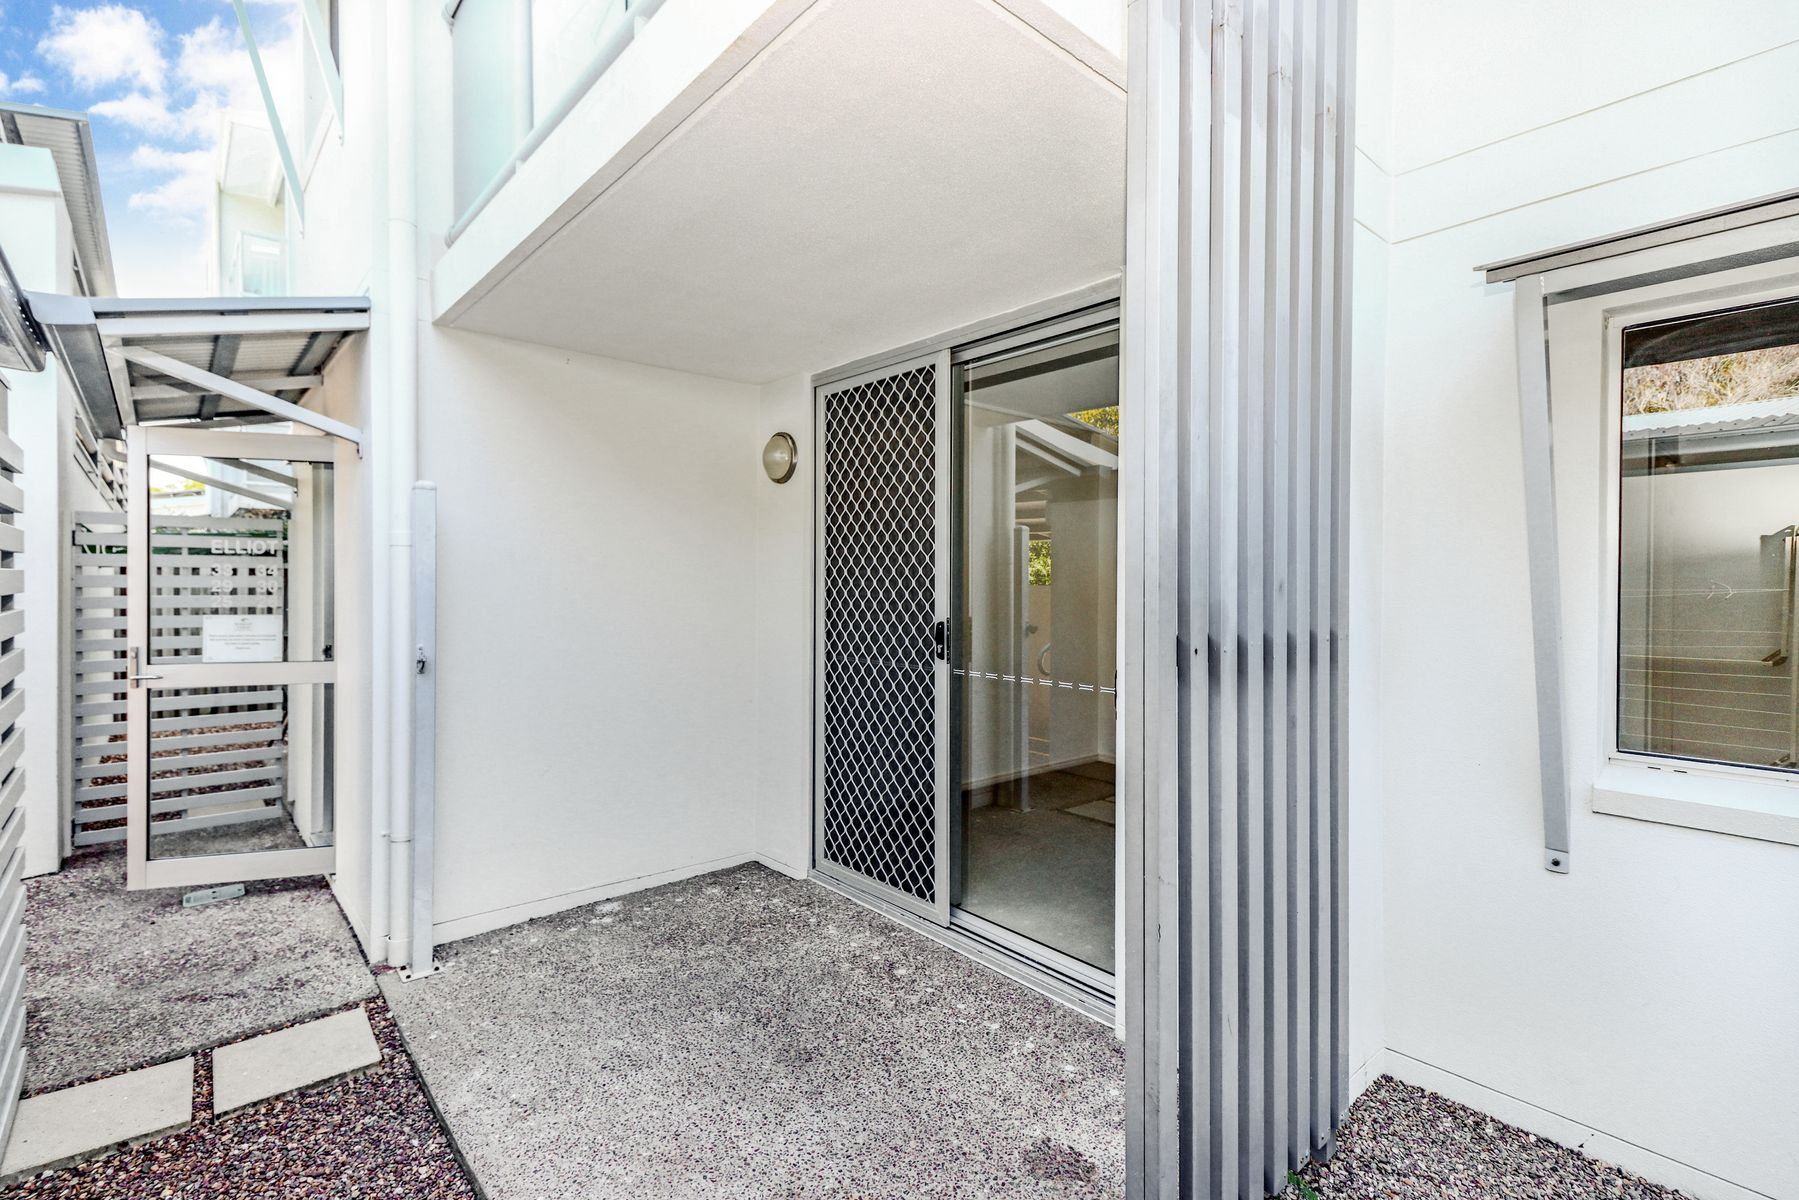 26/68 Pulgul Street, Urangan, QLD 4655